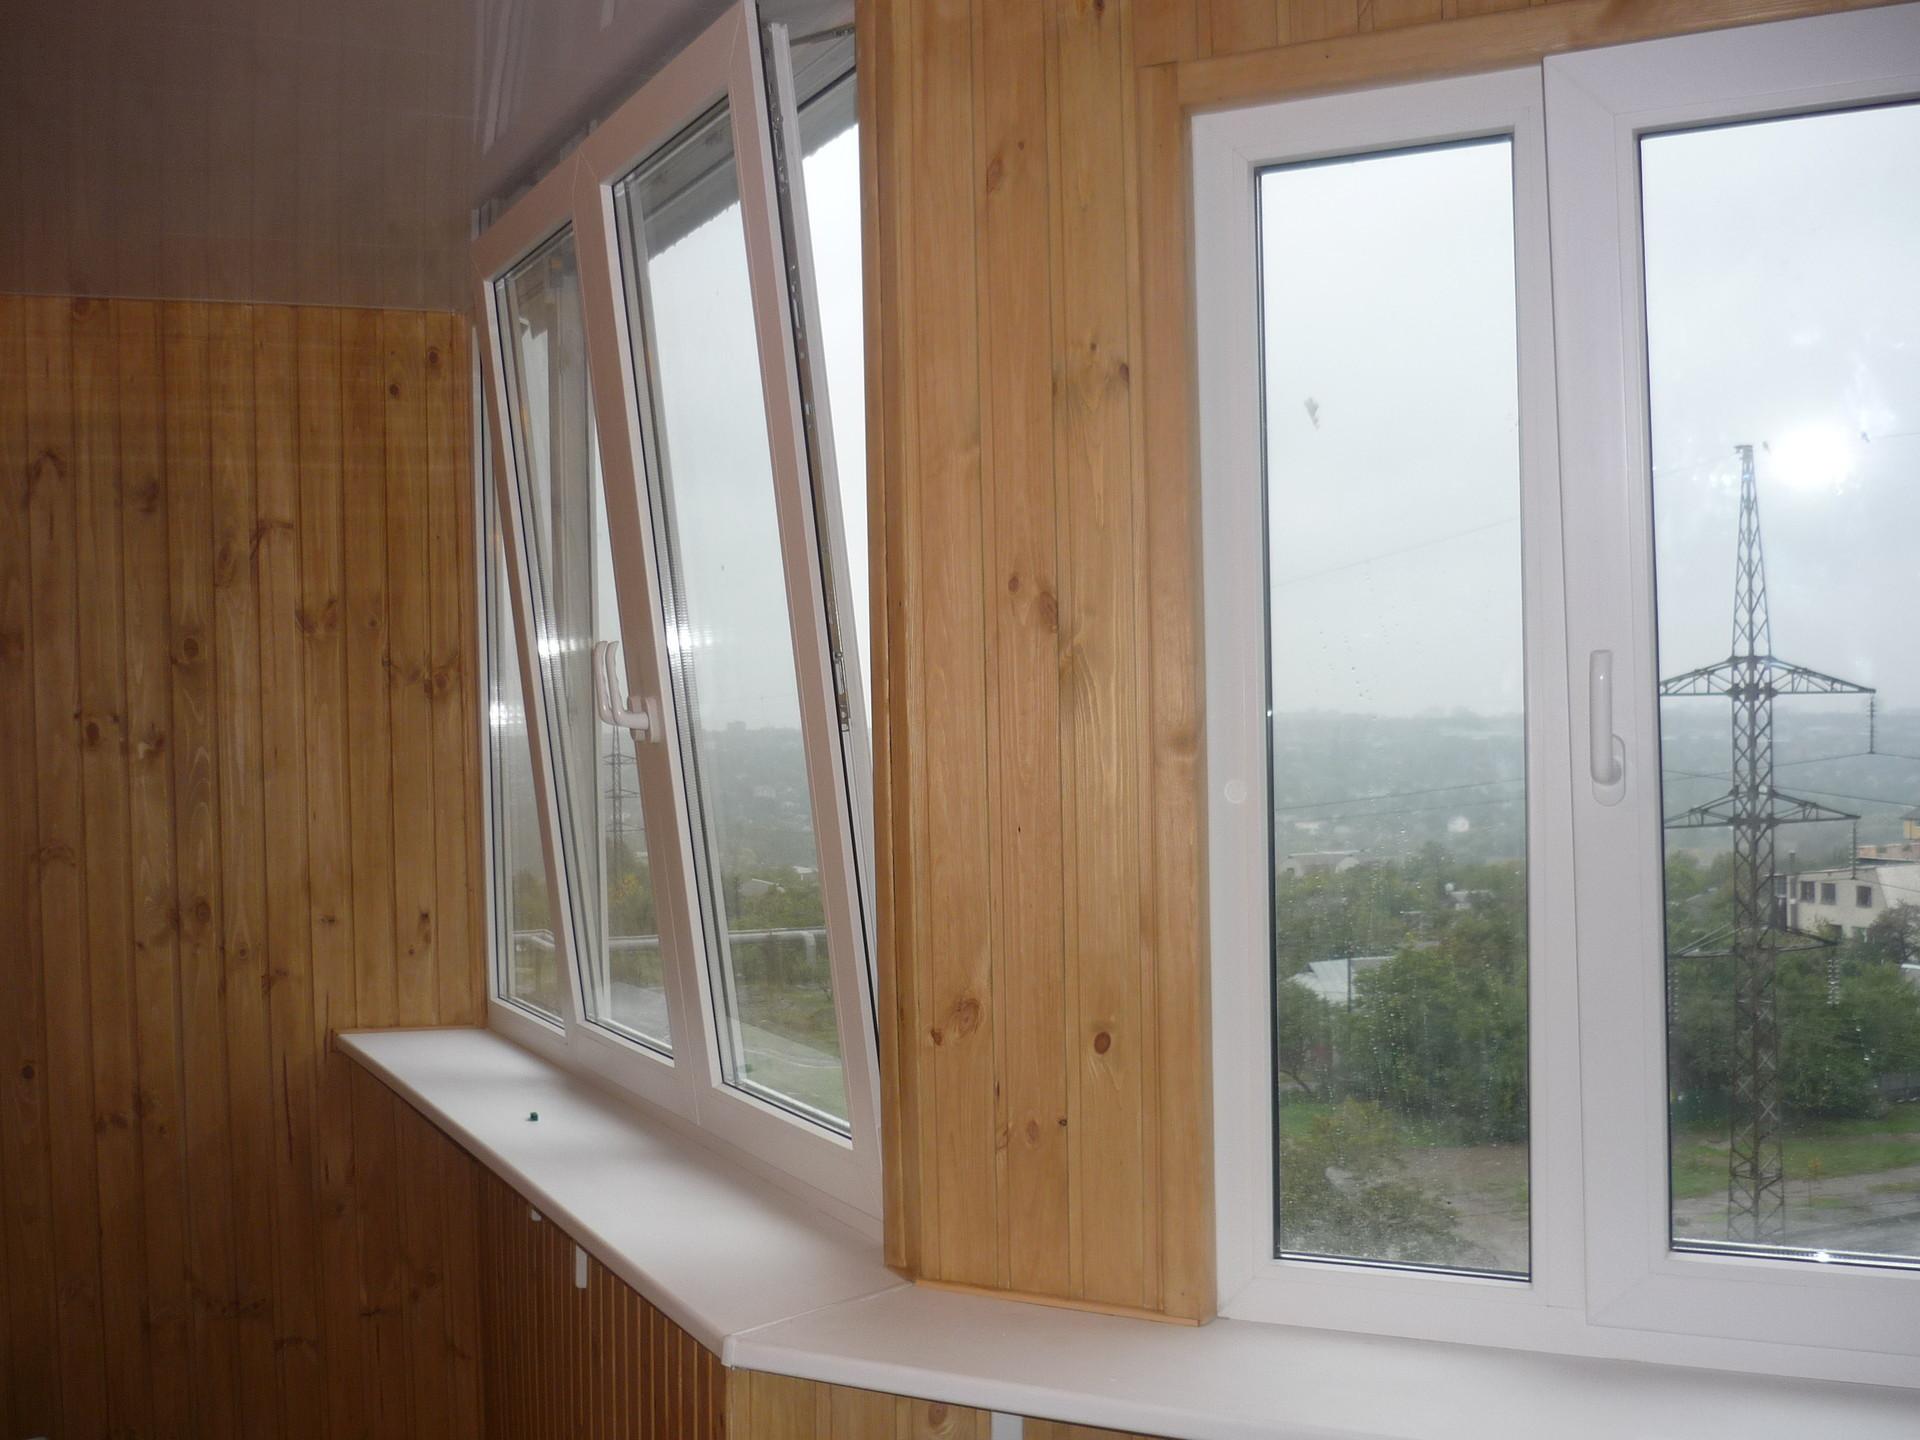 Остекление балконов, лоджий, окон: пвх, алюминий. в москве ,.